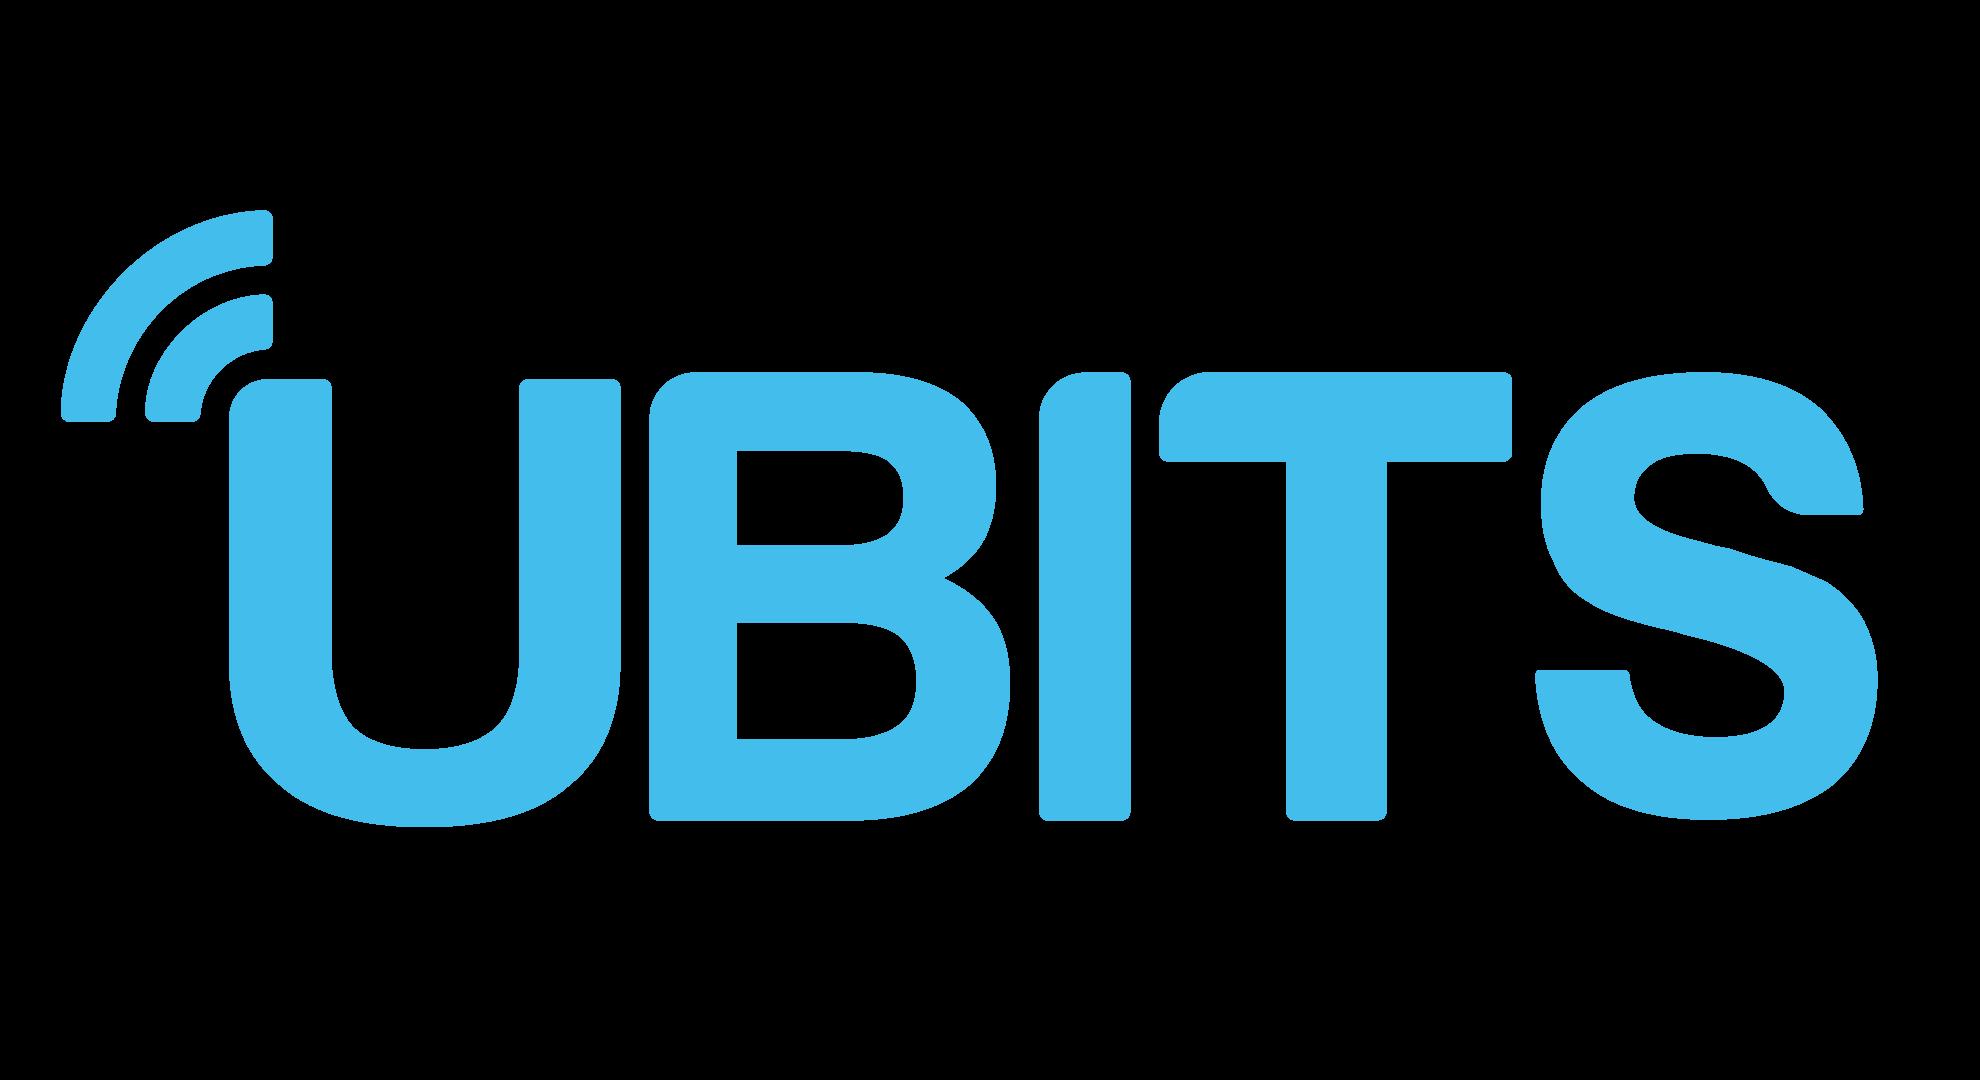 UBITS